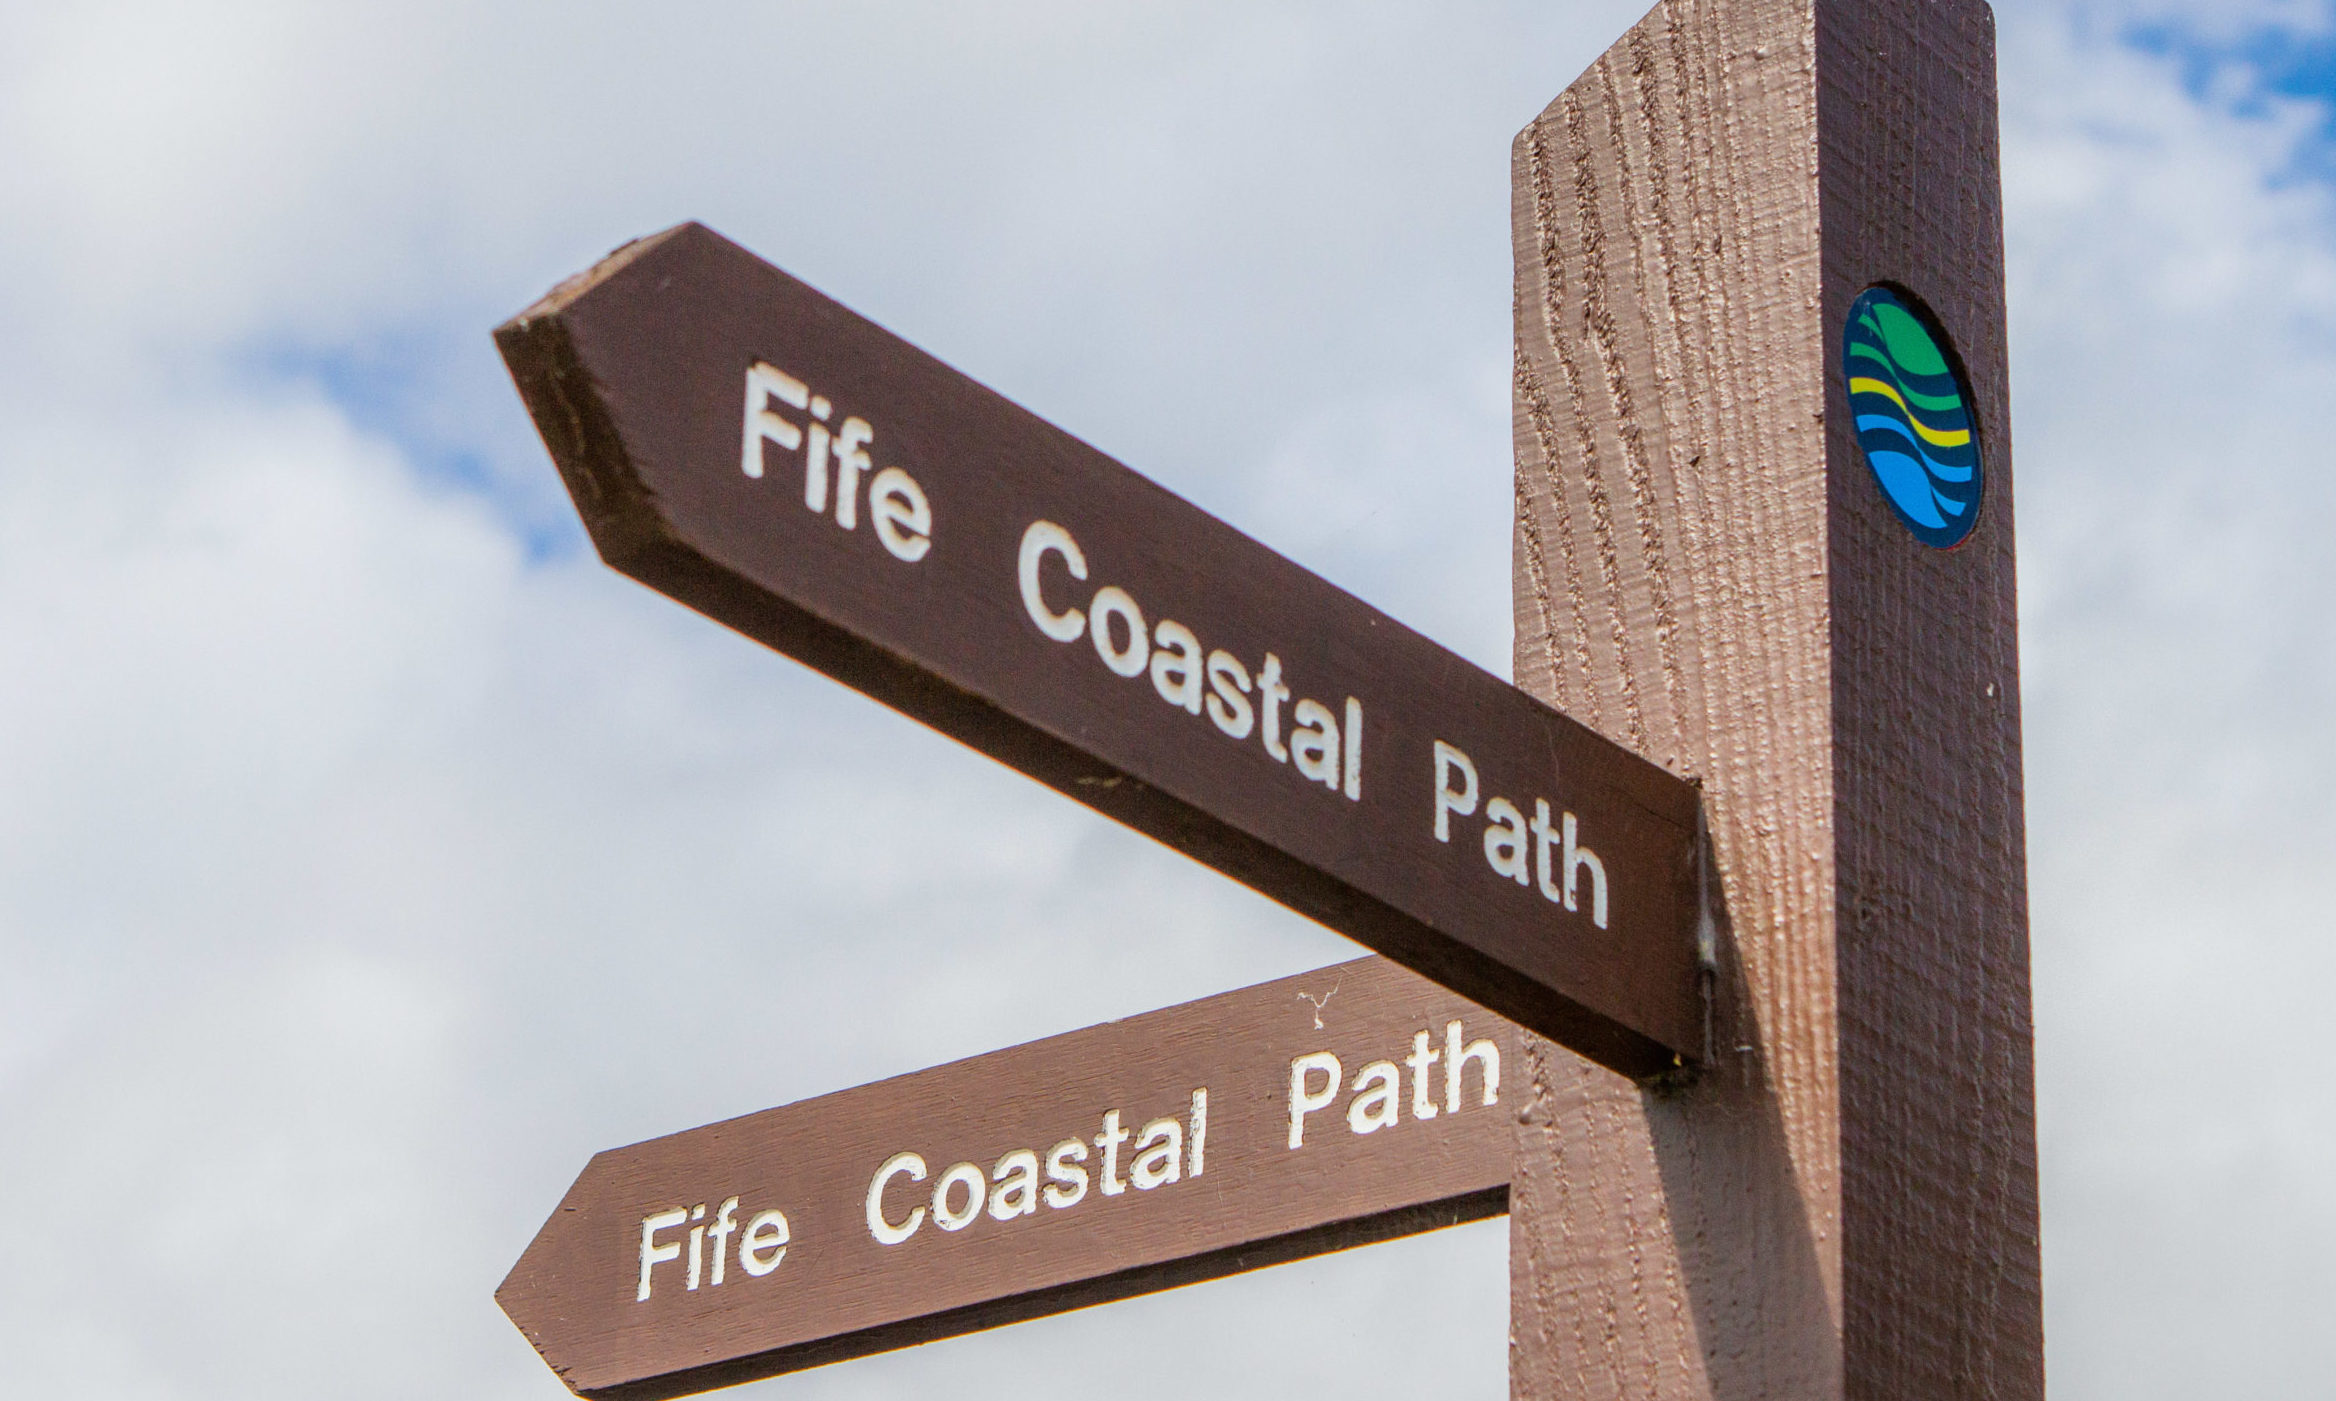 The Fife Coastal Path.